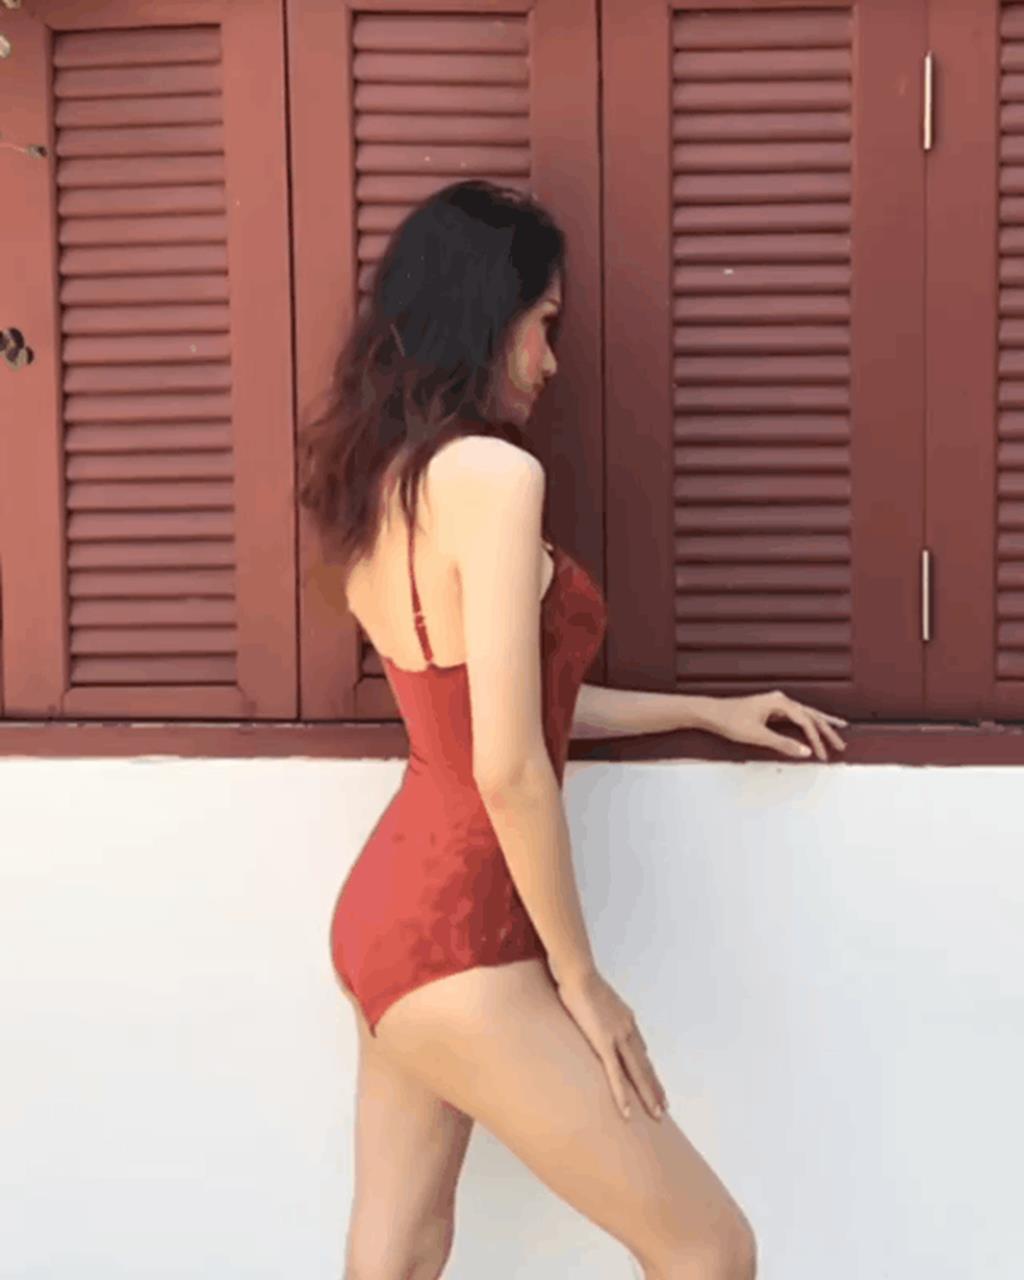 Cuộc chiến khoe eo thon dáng nuột với bikini: Loạt hot mom cũng táo bạo chẳng kém các sao nữ Vbiz-5